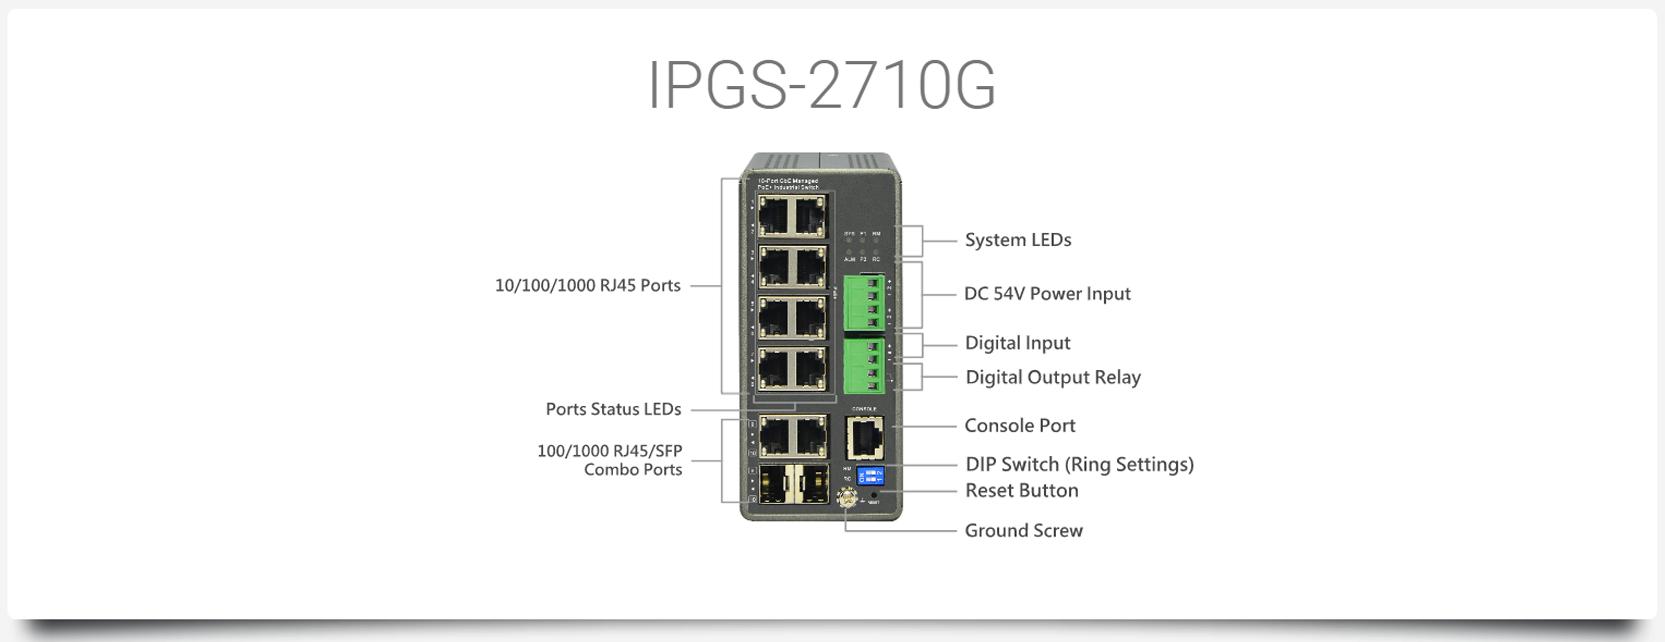 IPGS-2710G